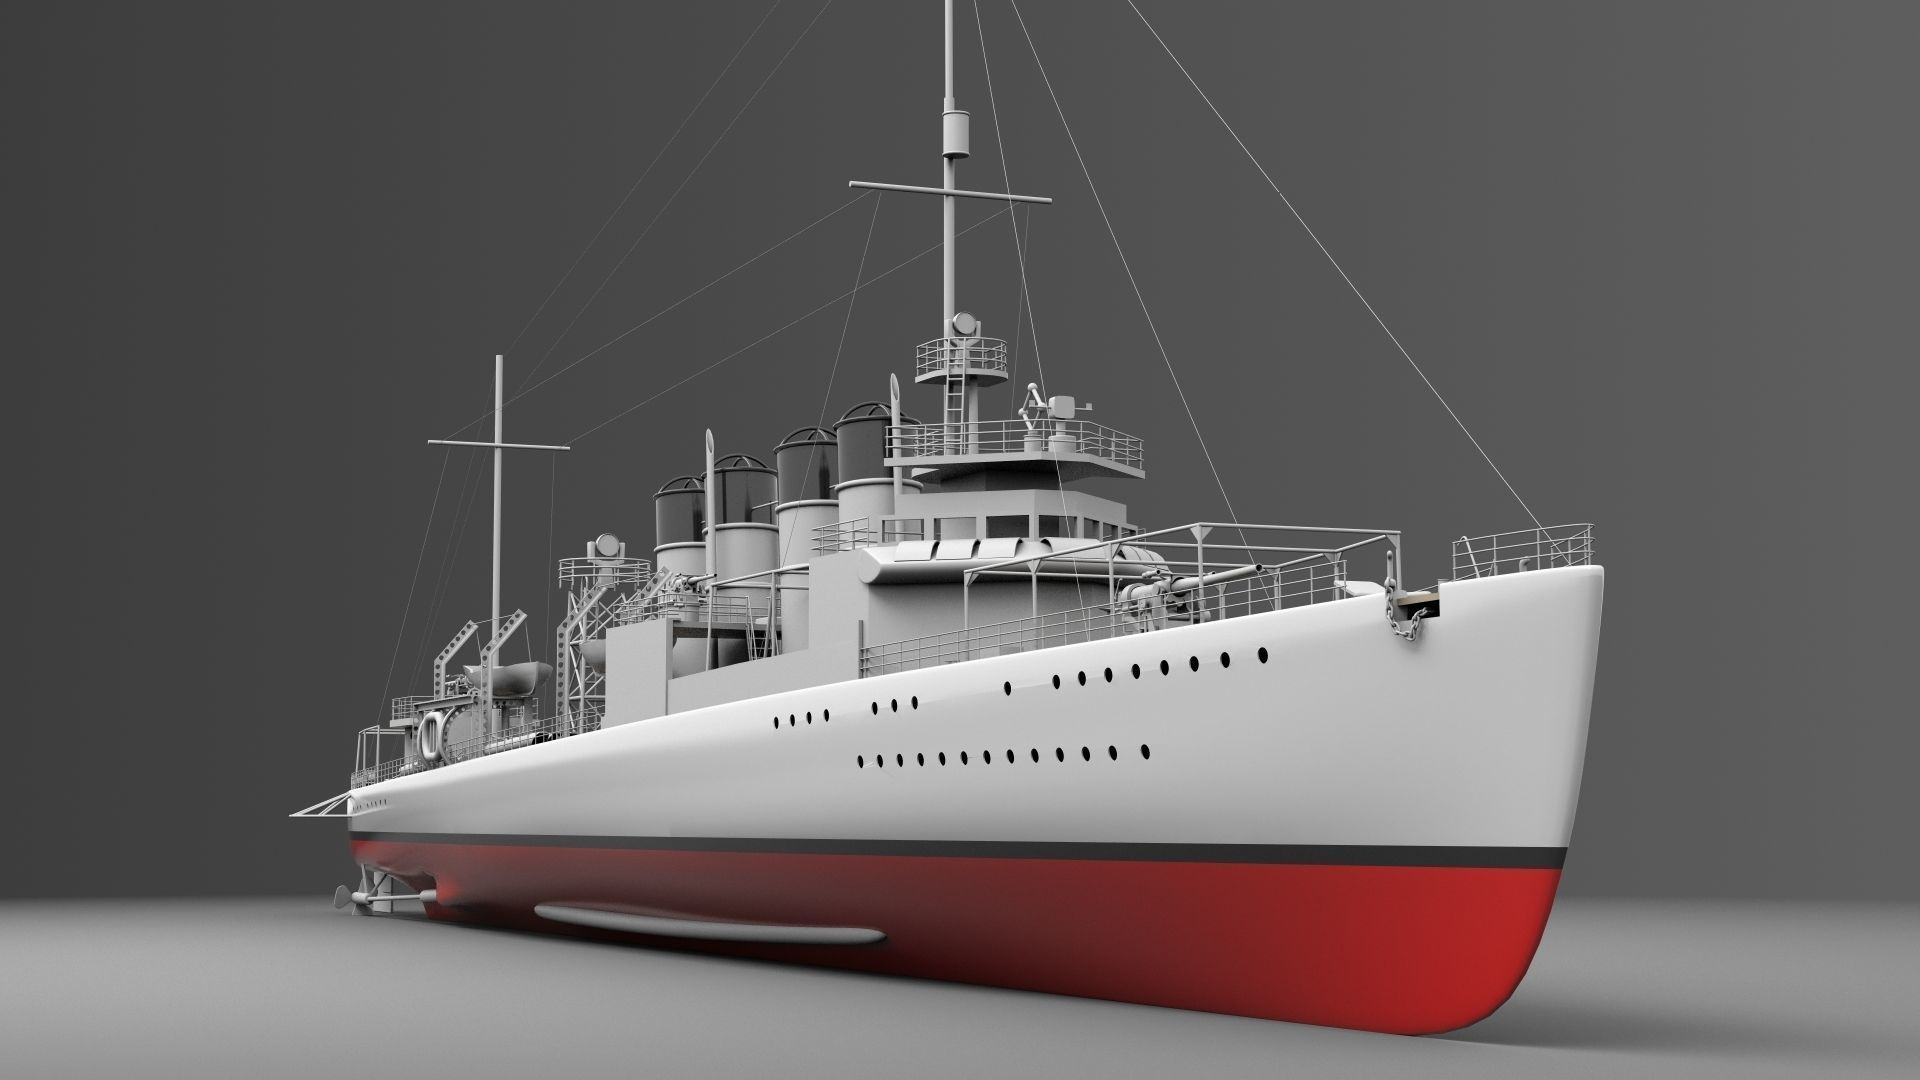 Watercraft 3 - Destroyer Ship